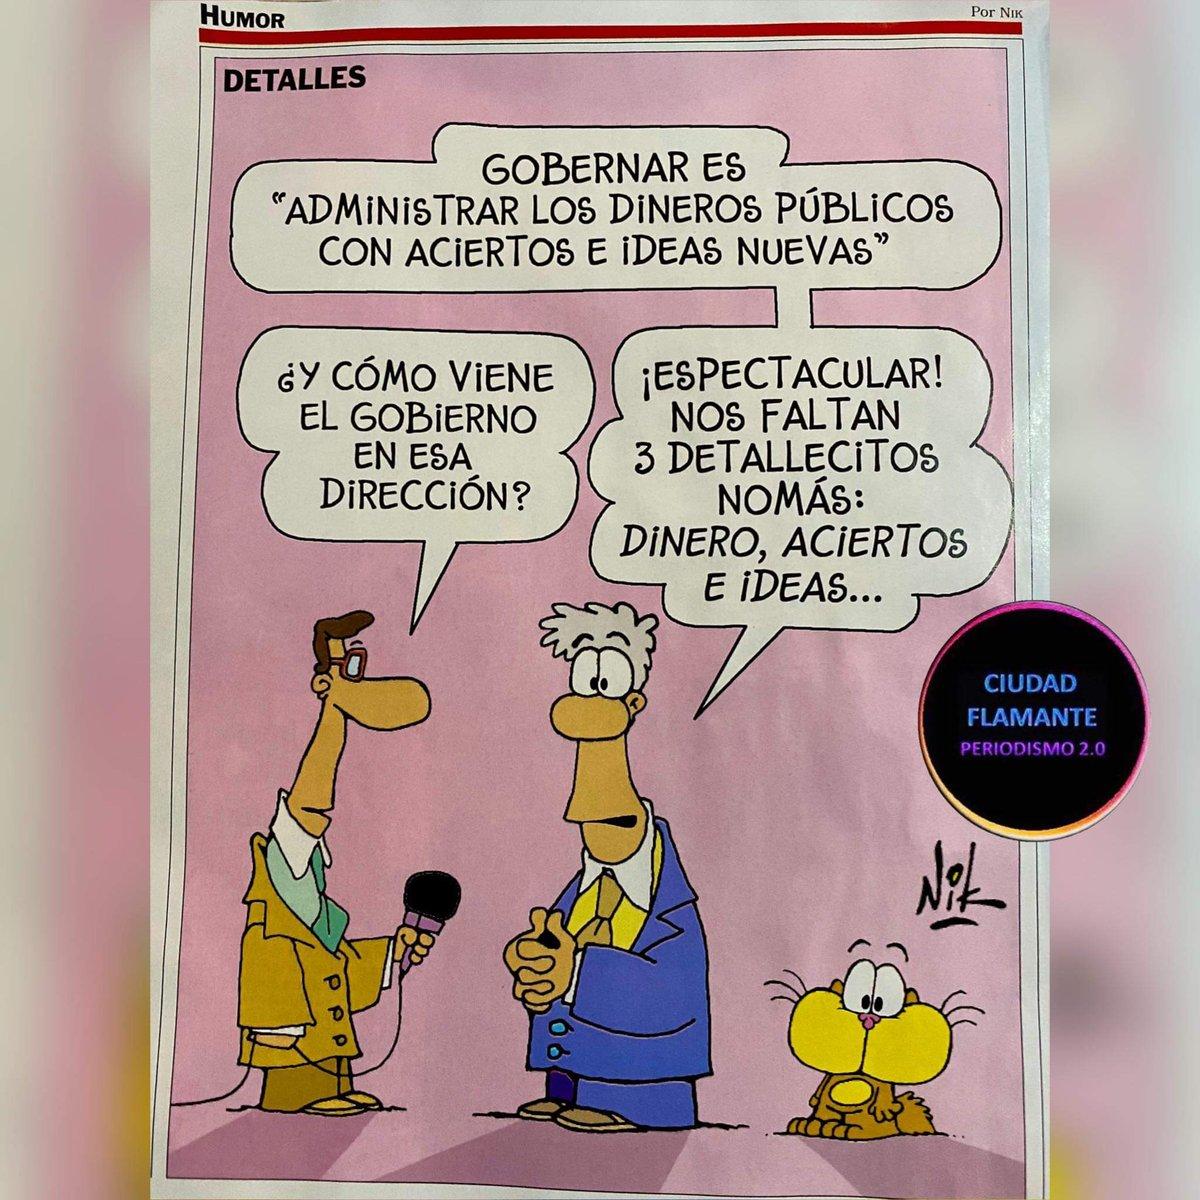 @Nikgaturro #Argentina #COVIDー19 #economy #Economia #Alberto https://t.co/GePcbKbm1o